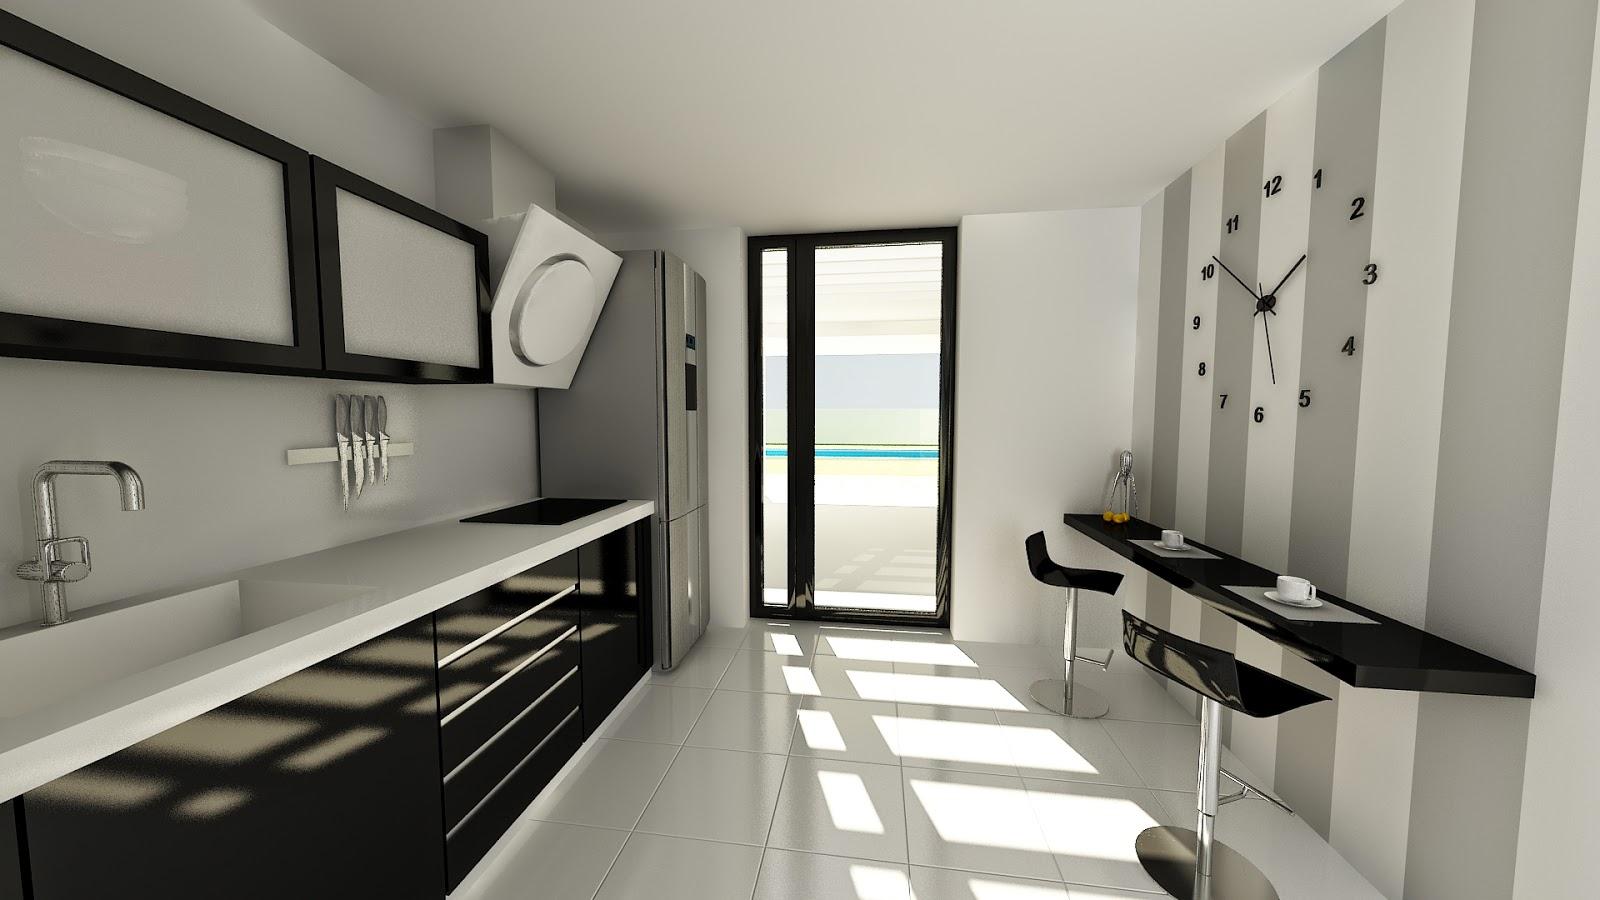 Diseño Cocinas Y Baños - Casa diseño